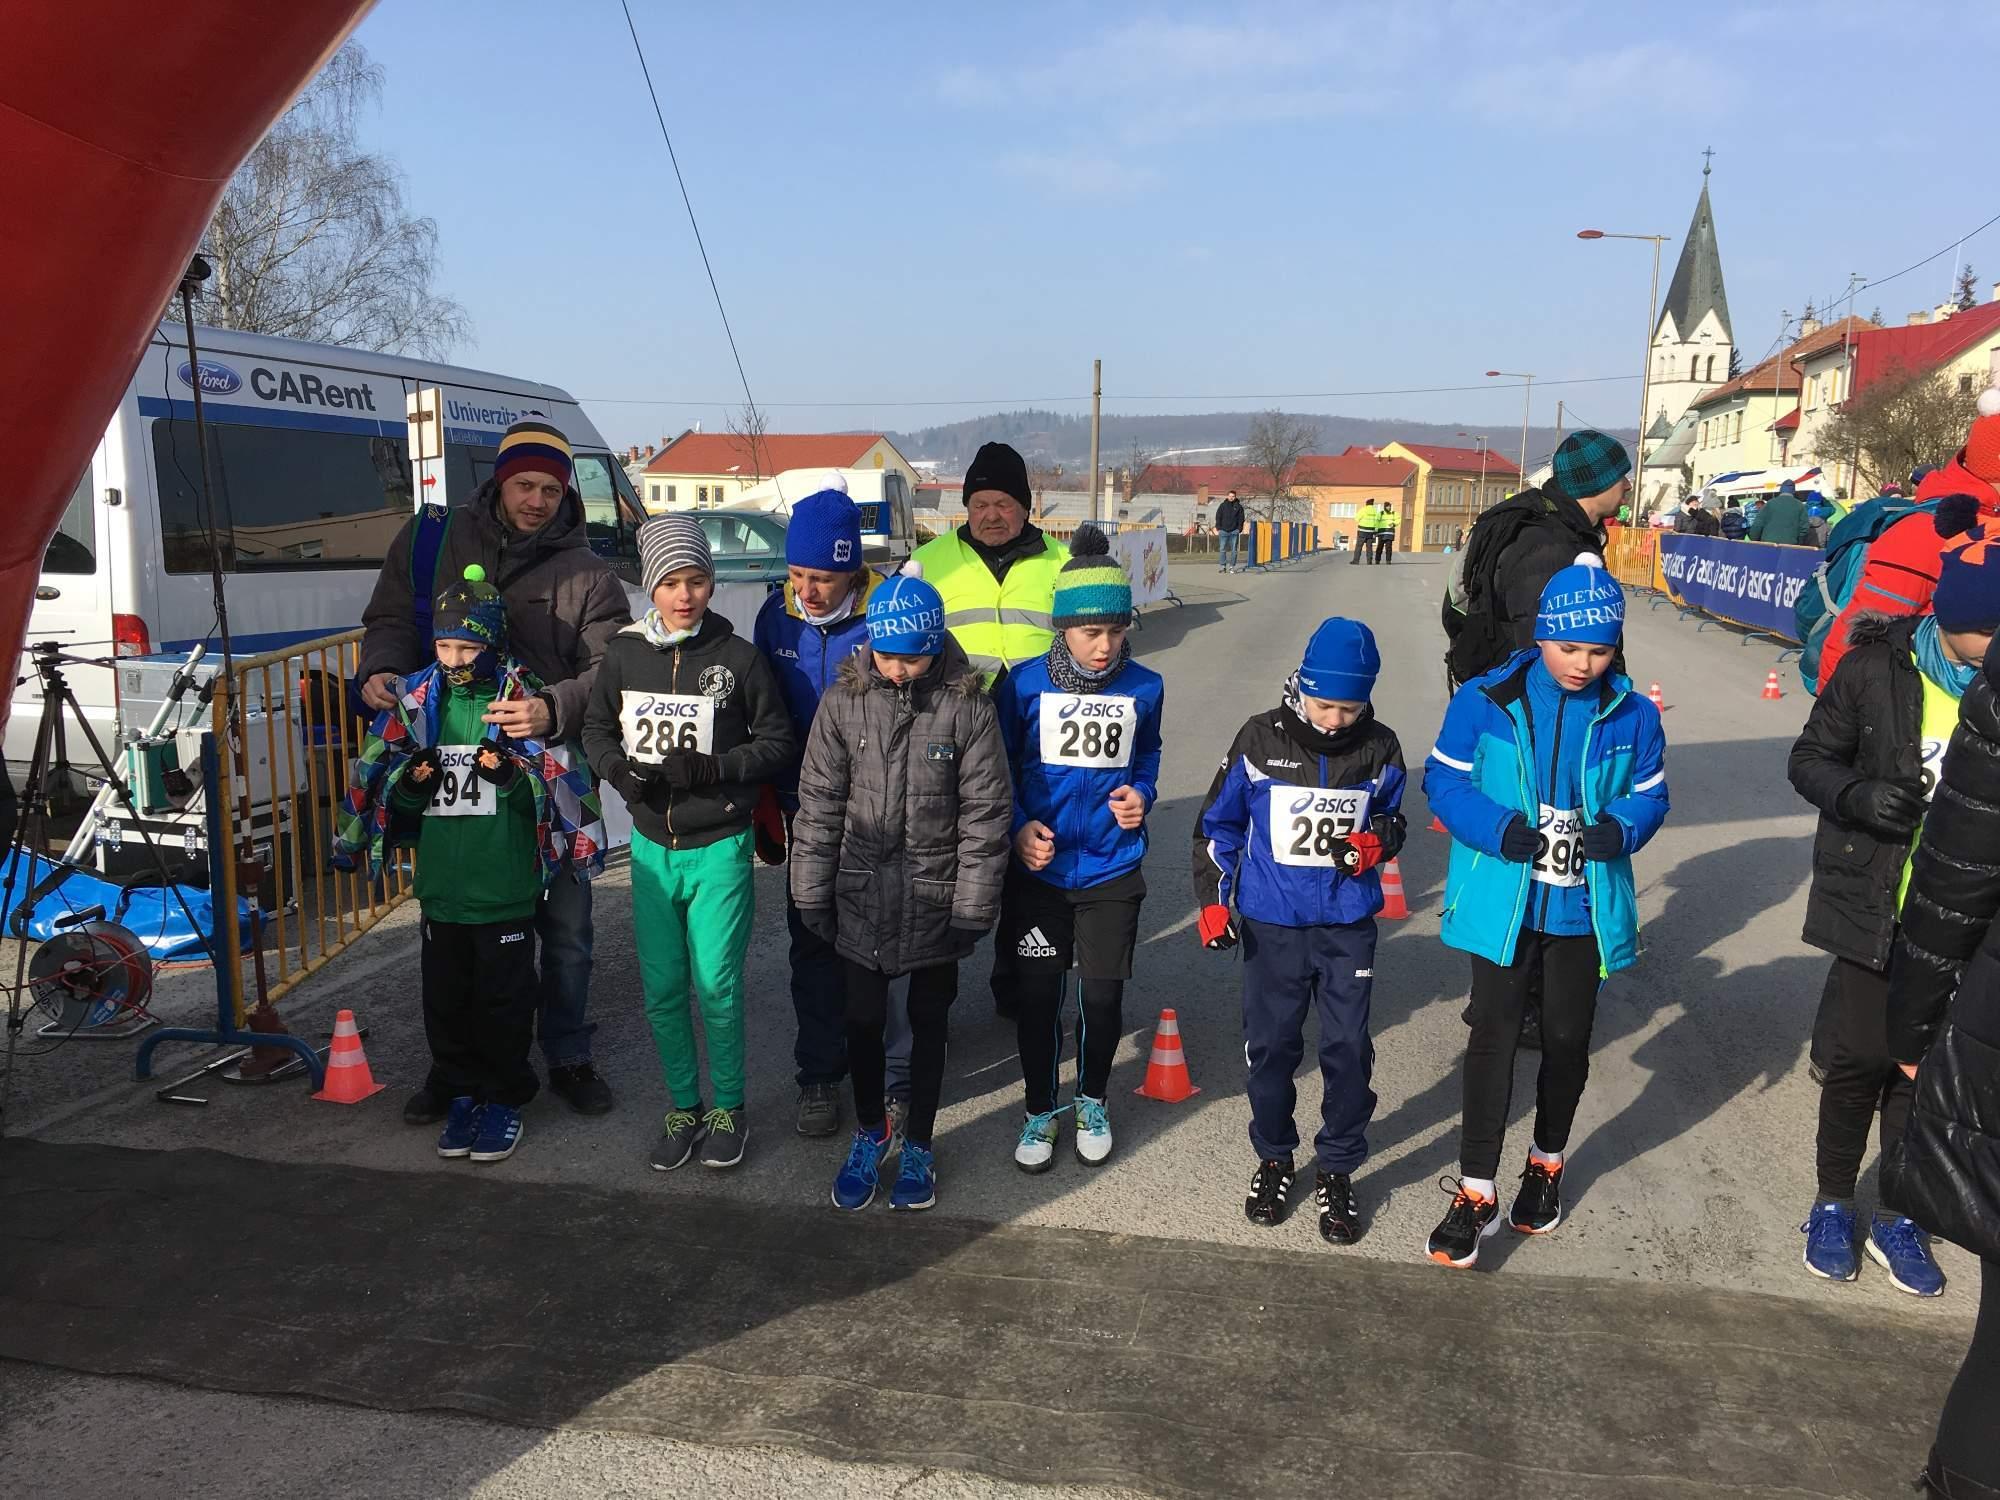 8d938d1b2b0 Prusinovice - Rohálovská desítka 24. 2. 2018 – atletikahranice ...